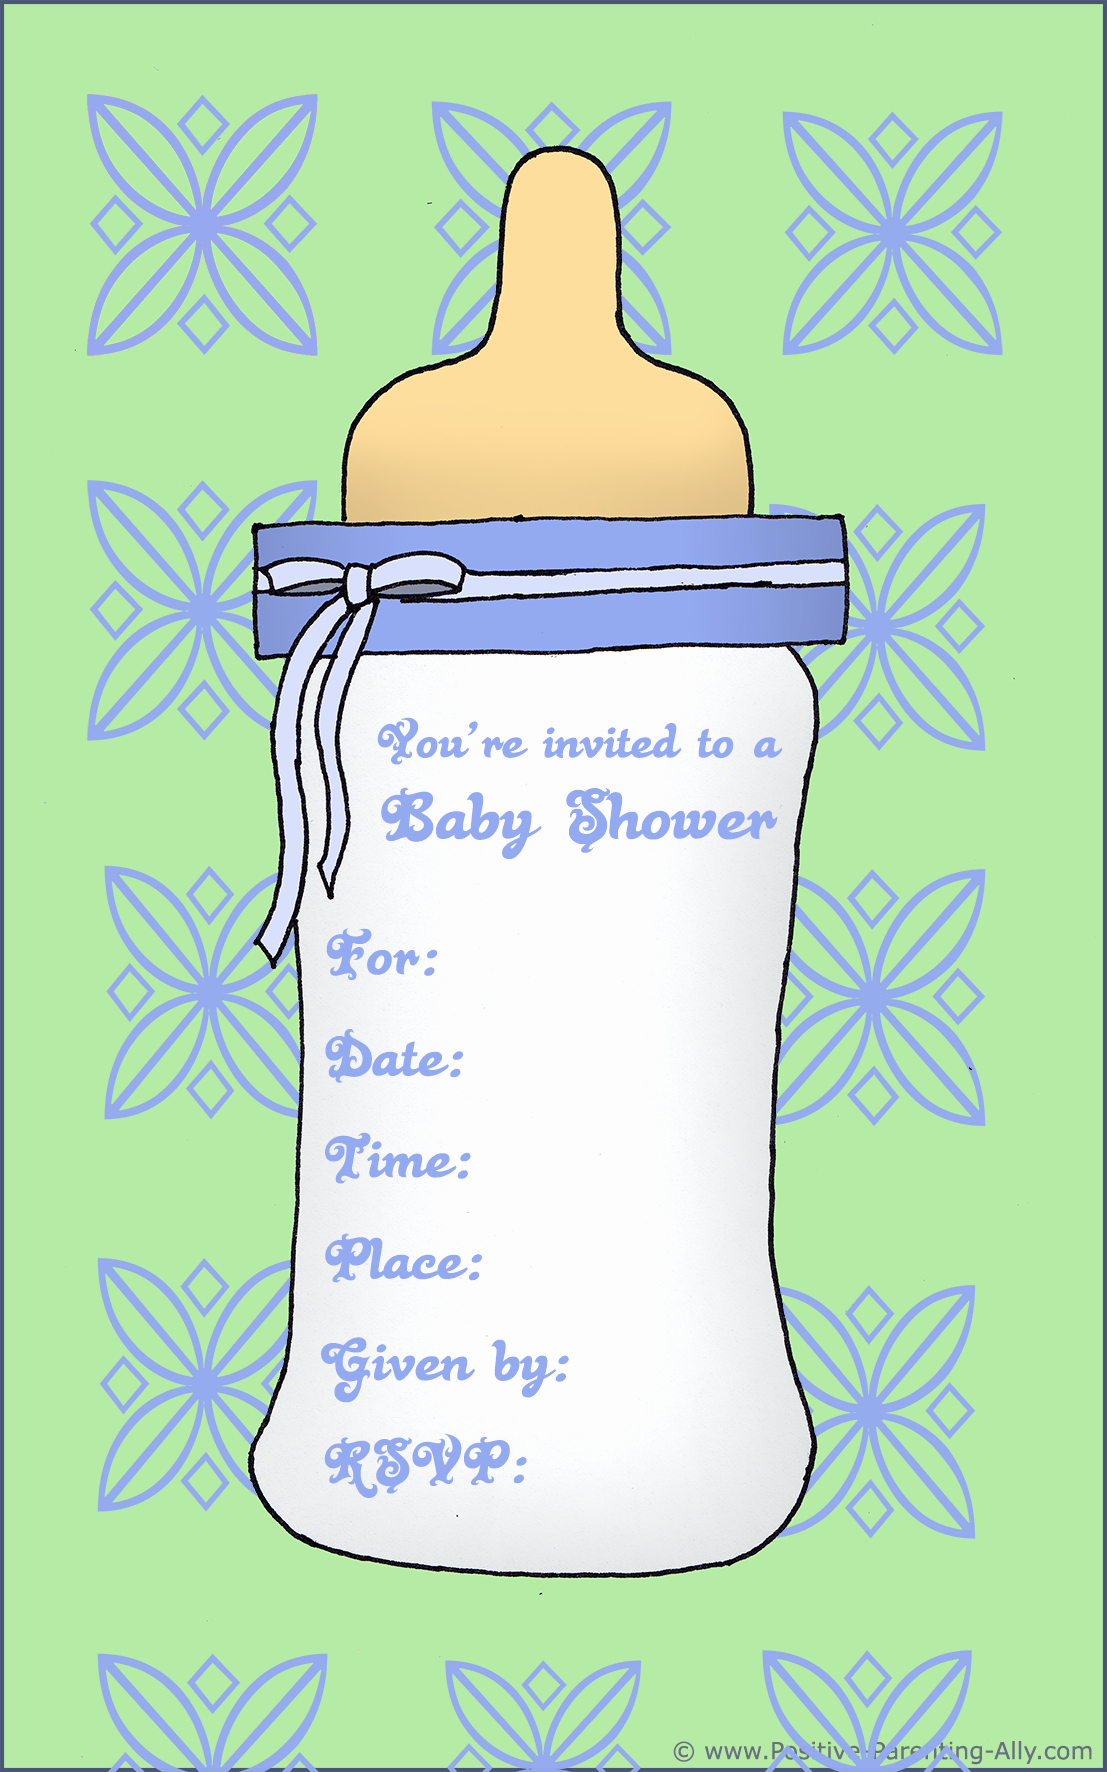 Baby Shower Pics for Invitation Unique Free Printable Baby Shower Invitations In High Quality